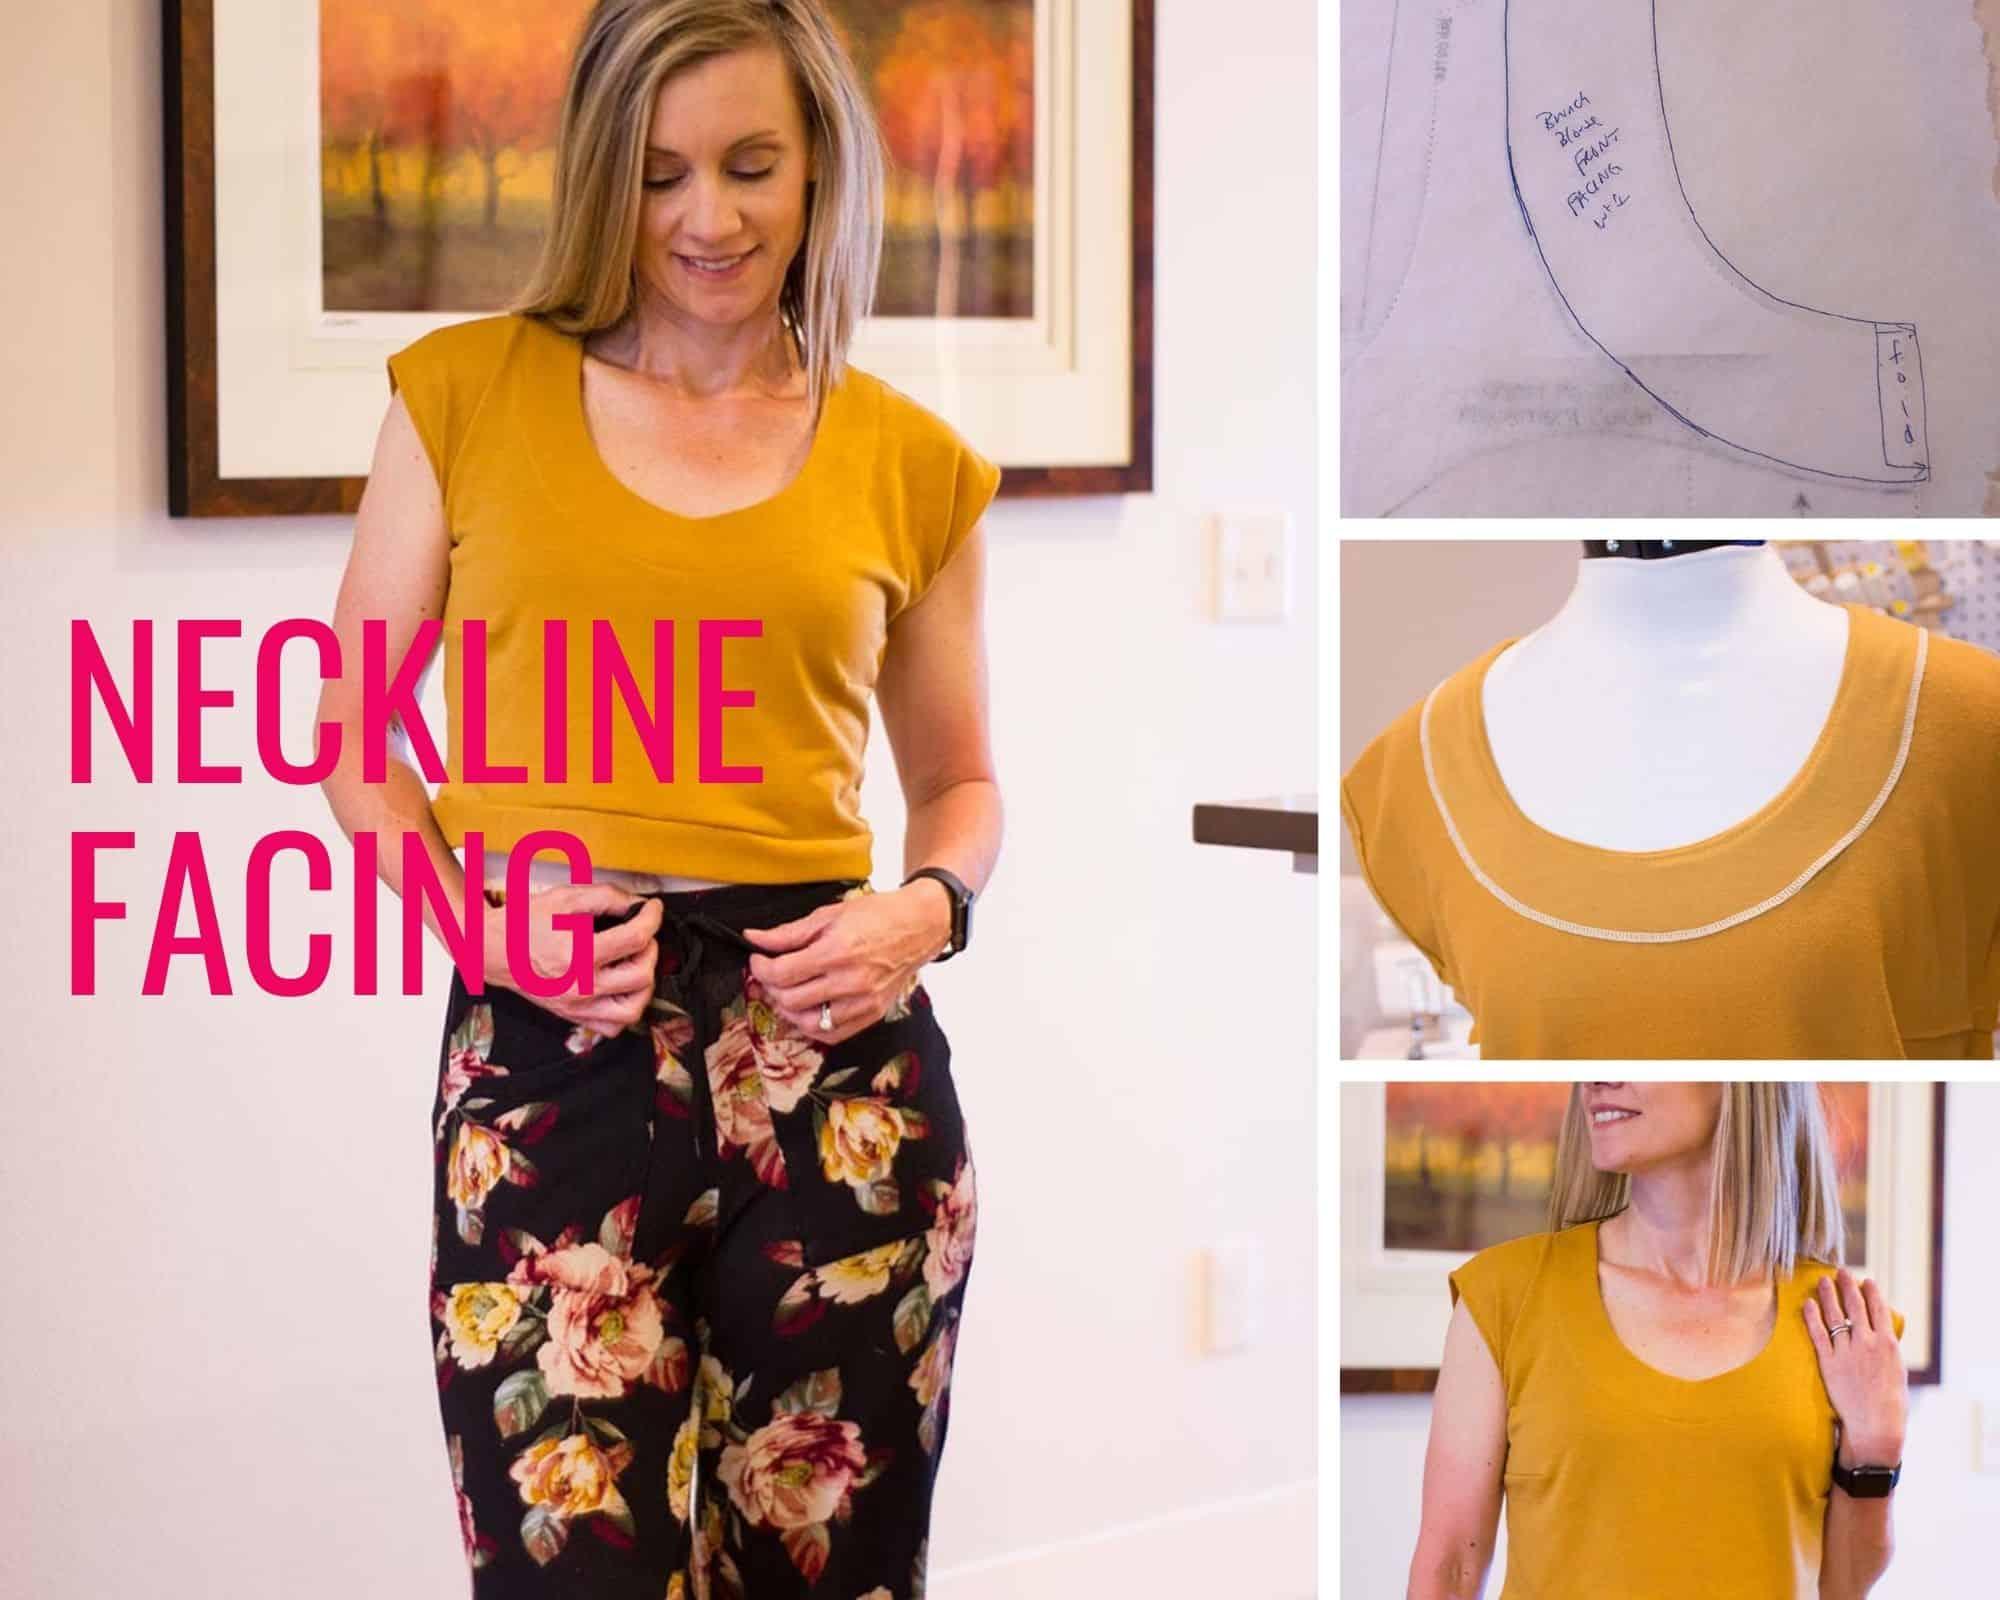 Neckline Facing